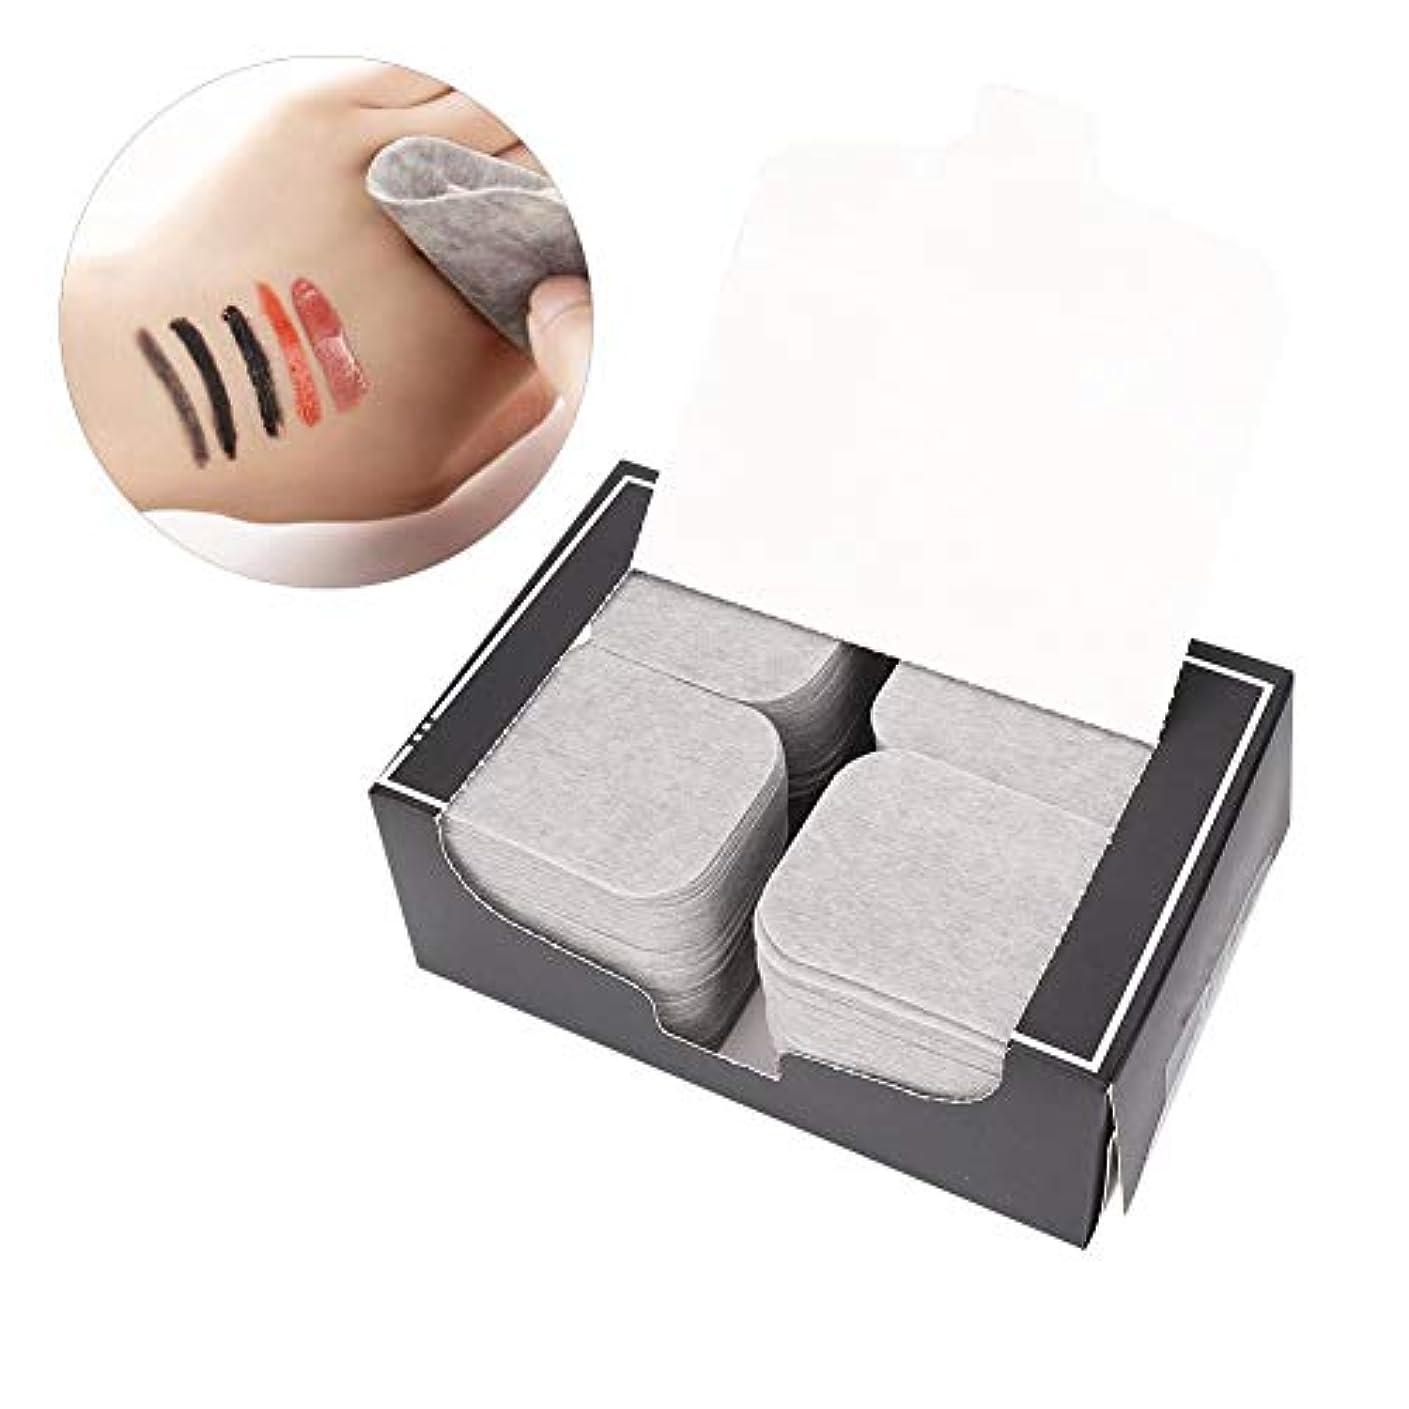 施しスリット悪用200ピース竹炭タオルメイクアップフェイスクレンジングパッド化粧品除去ツール